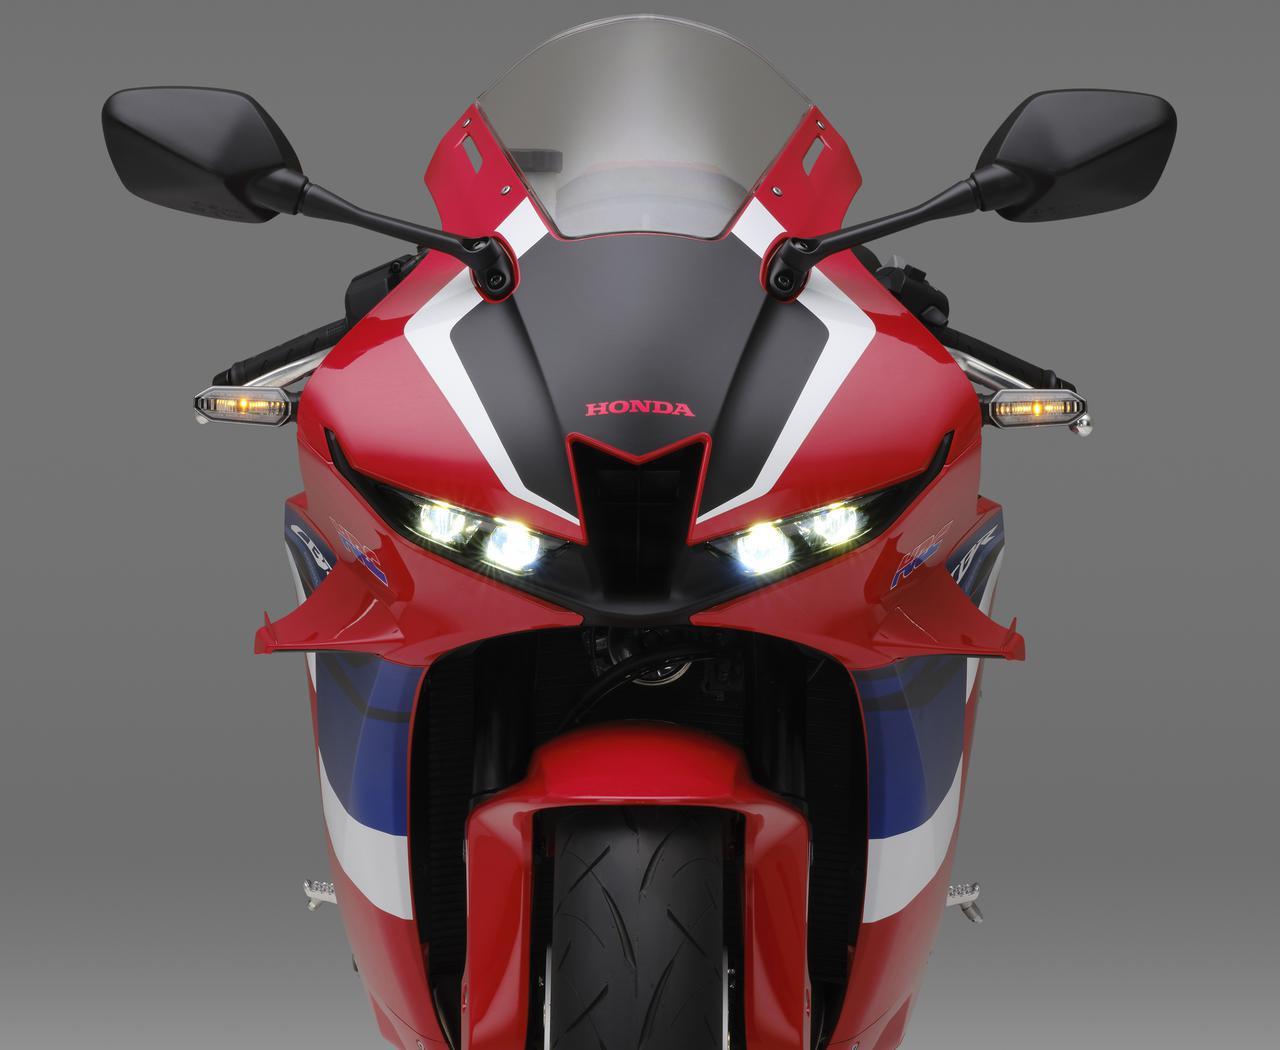 画像: ホンダが新型「CBR600RR」の詳細を発表! 価格とスペック、装備内容が明らかに、発売日は2020年9月25日! - webオートバイ